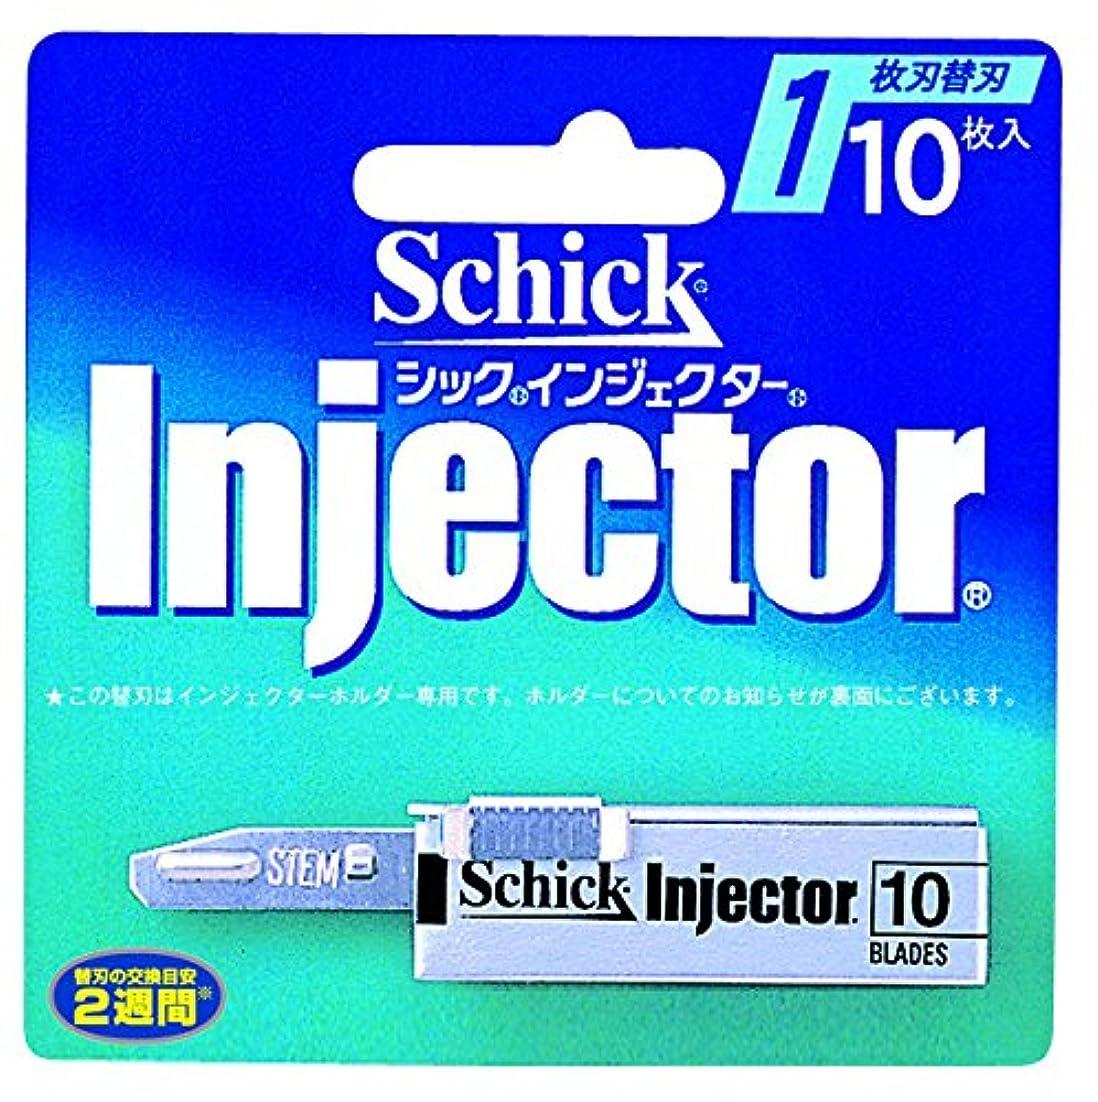 メロディー発見スナッチシック インジェクター替刃(10枚入り)